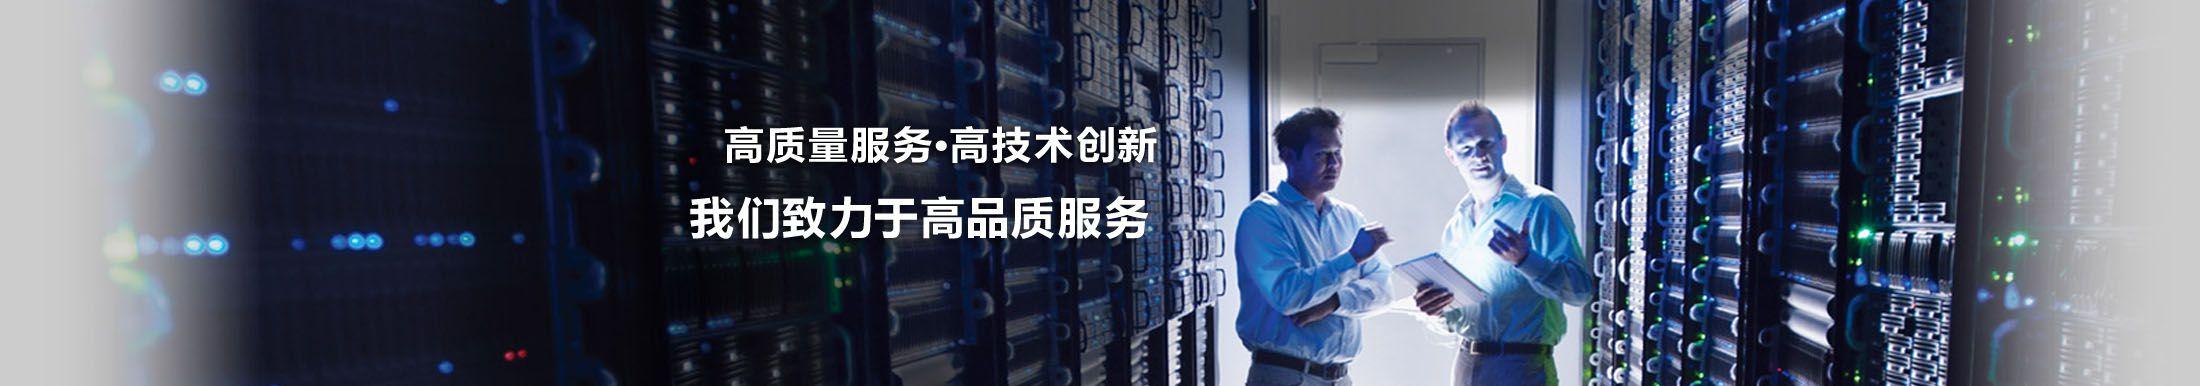 企业网络服务商,网站建设,微信营销,微信公众平台,关键词优化,外卖系统